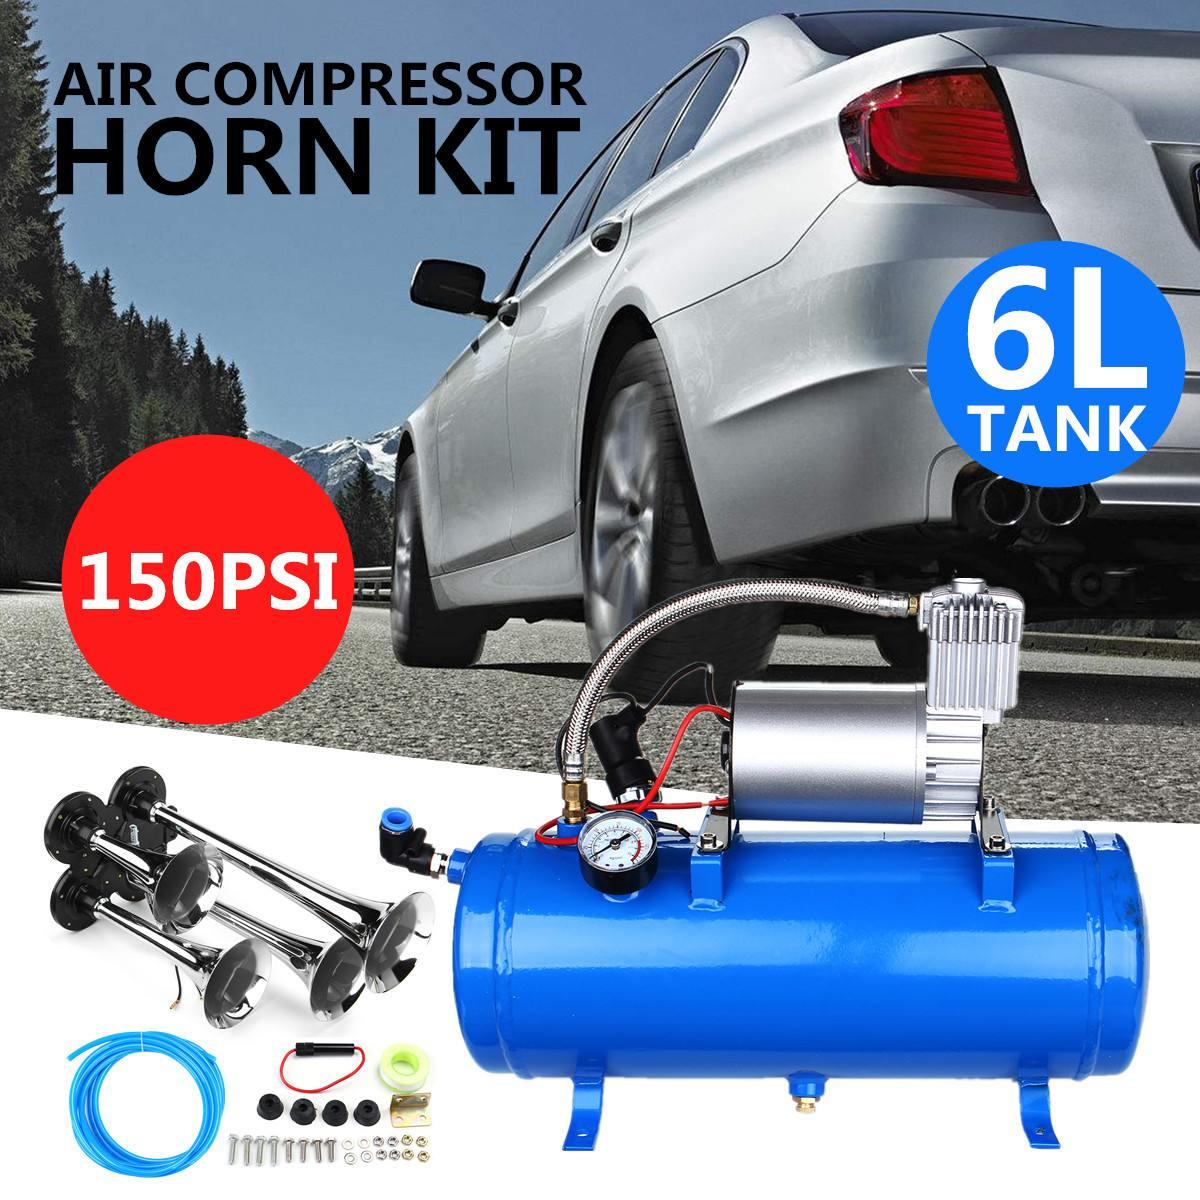 150PSI 150DB 12 V 23A compresseur à air de voiture 6 Litre Réservoir Camion Train 4-Trompette Corne Kit Corne 35x15x16.5 cm compresseur d'air 41x15x30 cm